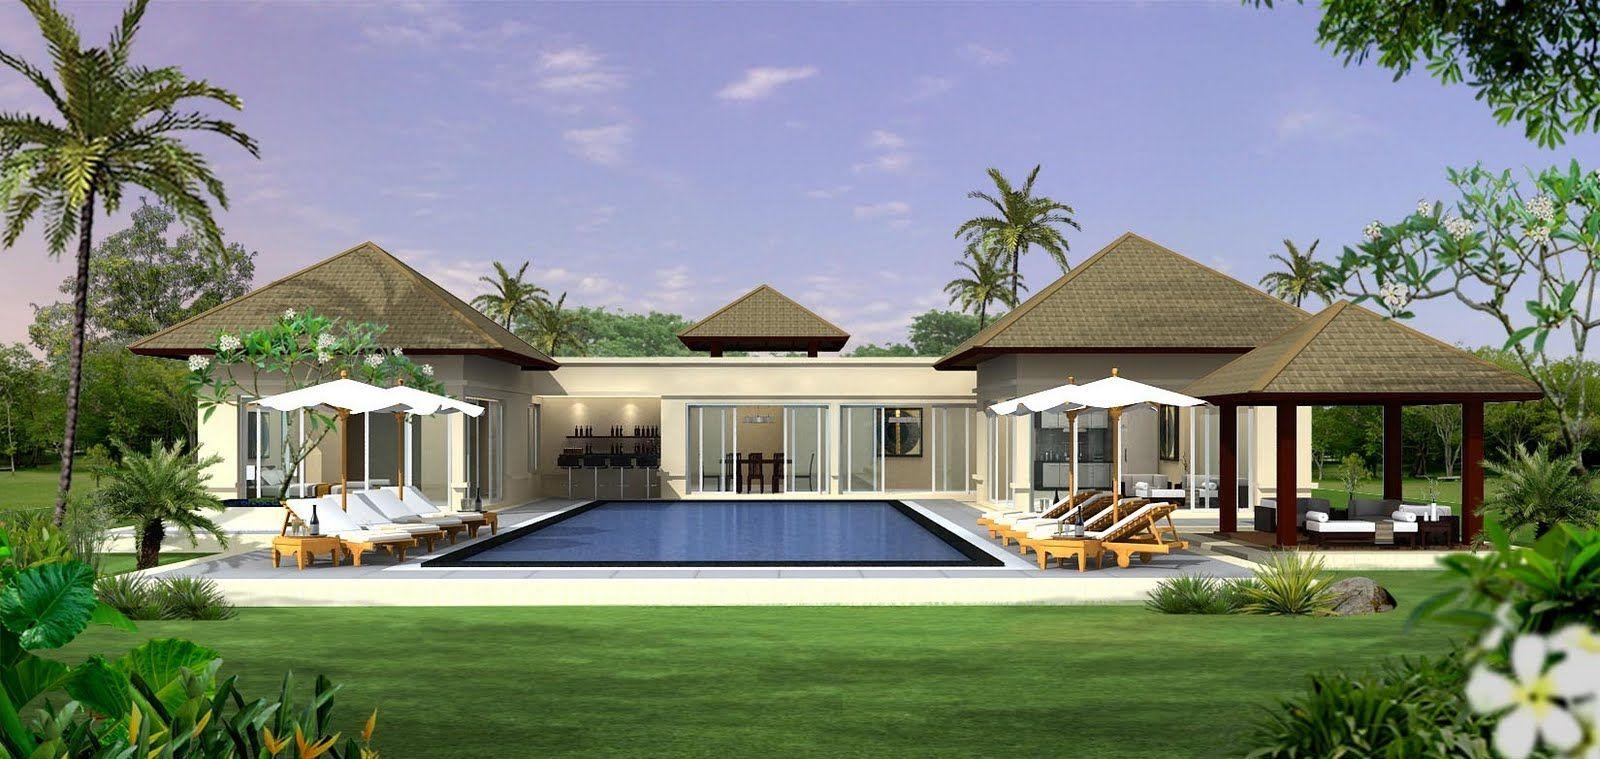 fachadas de casas modernas con piscina | inspiración de diseño de